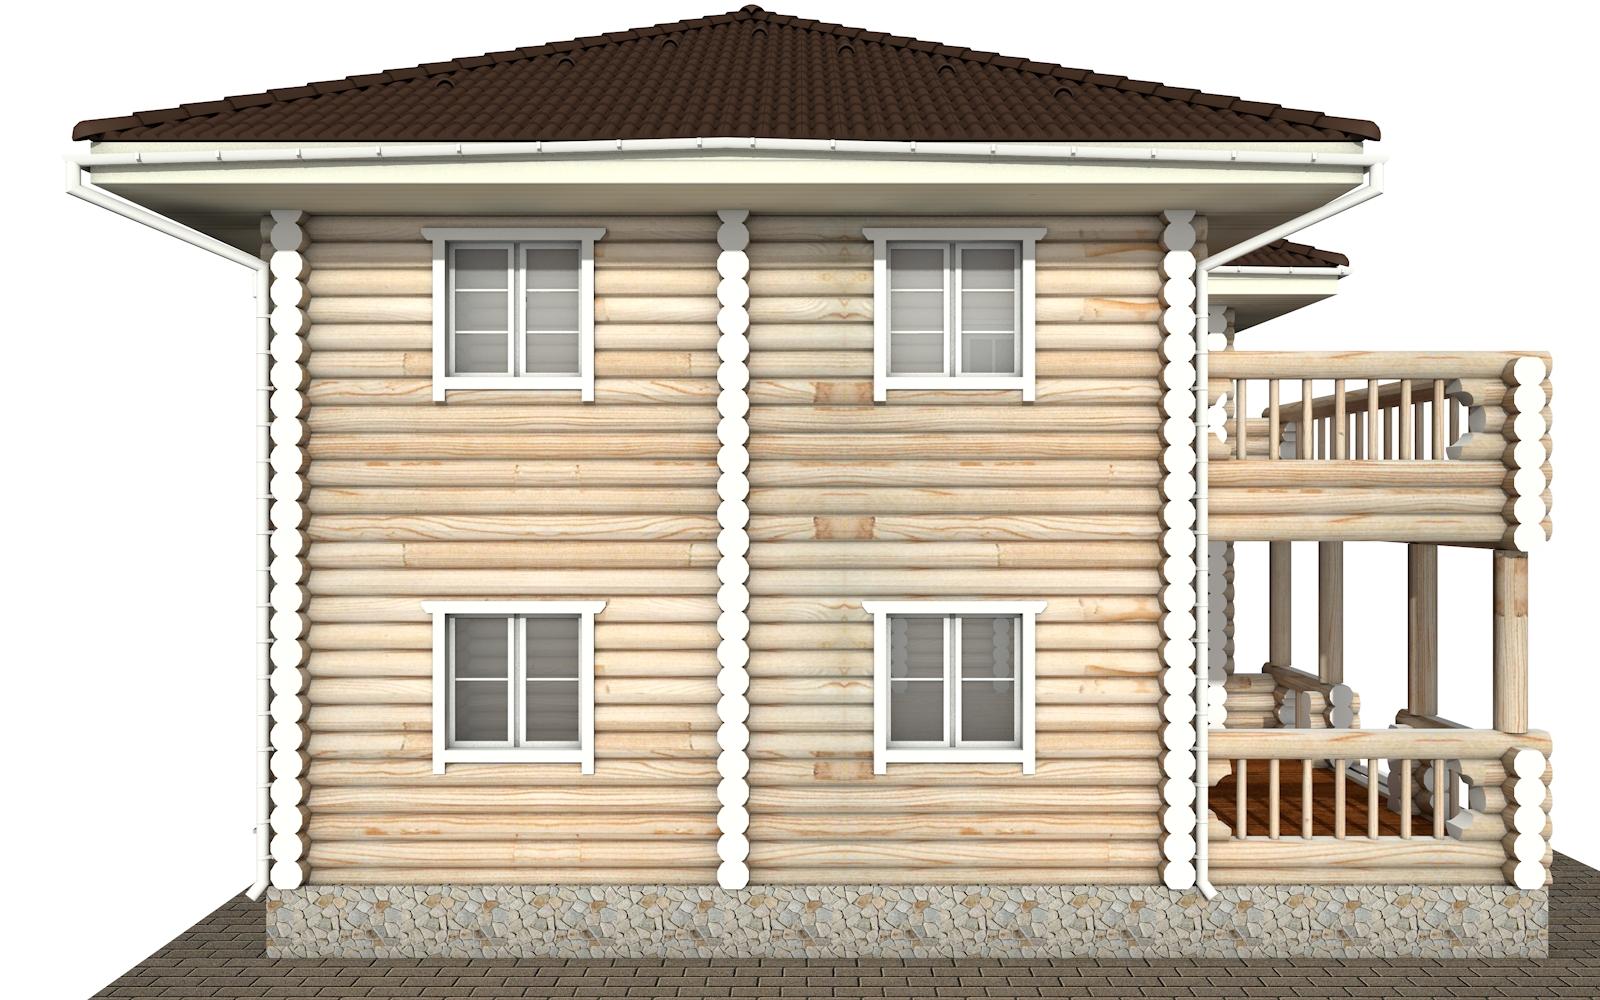 Фото #8: Красивый деревянный дом РС-164 из бревна